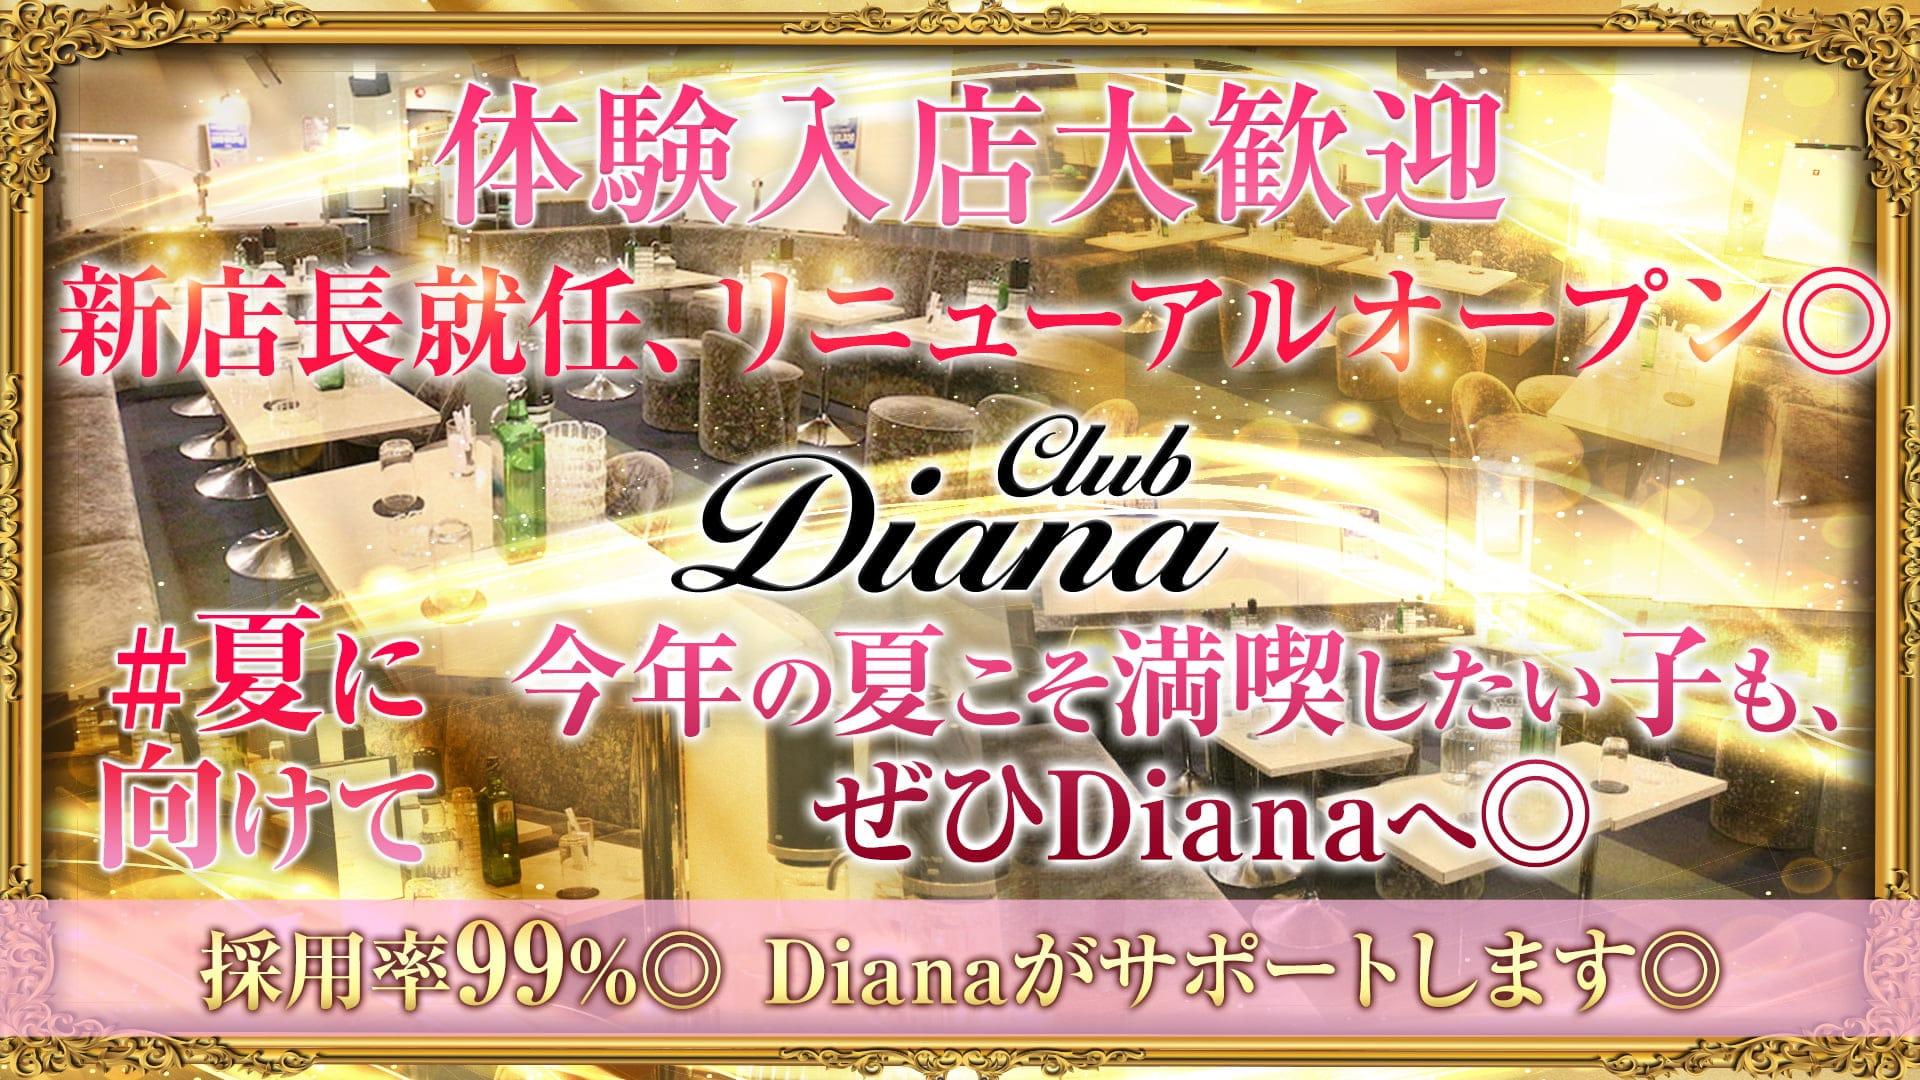 【東上線大山駅】Club DIANA【公式求人・体入情報】 池袋キャバクラ TOP画像